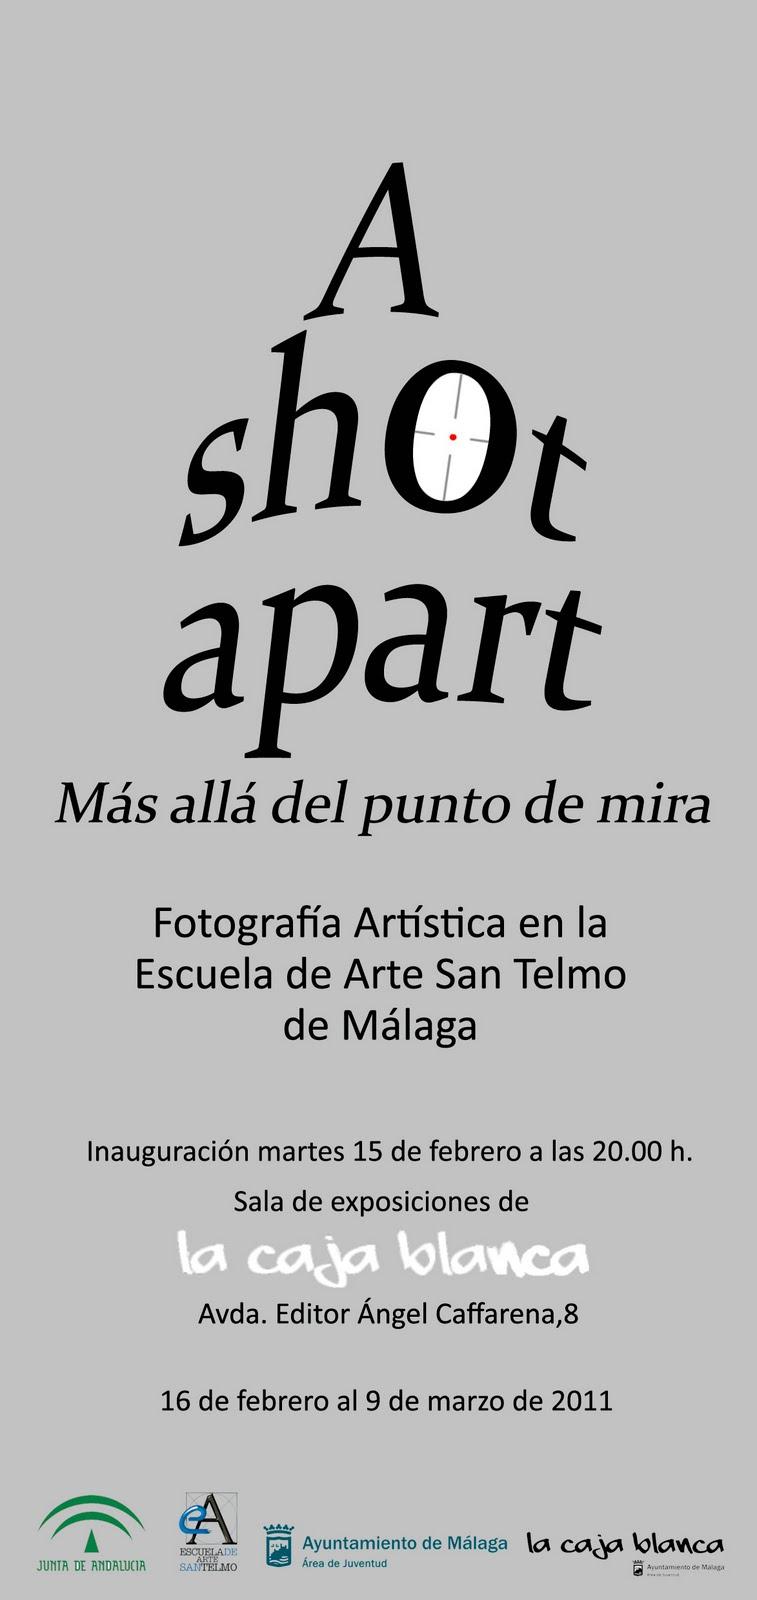 A Shot Apart. Más allá del punto de mira